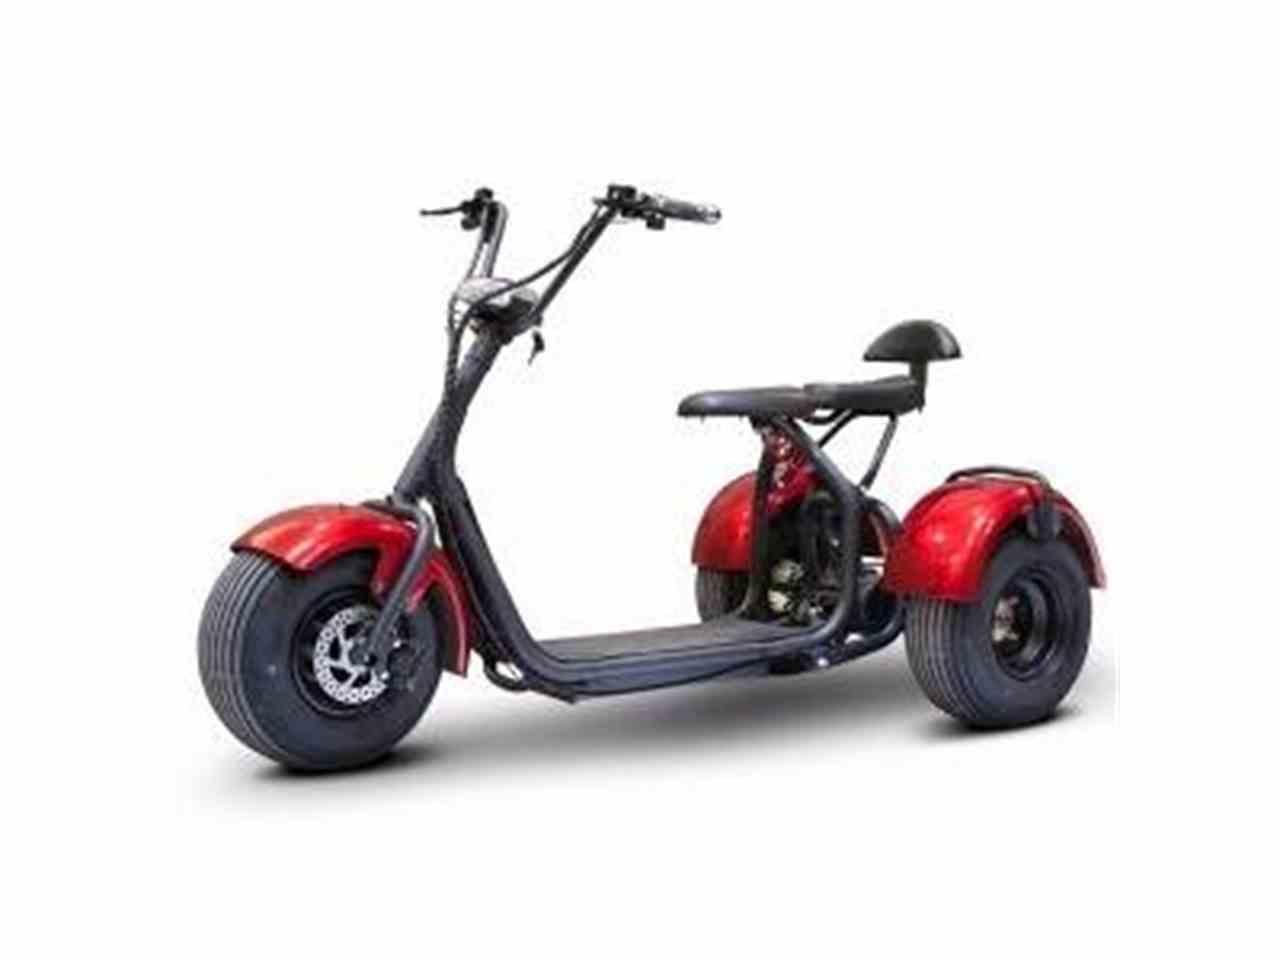 2017 E-Wheels EW-21 for Sale - CC-1042332